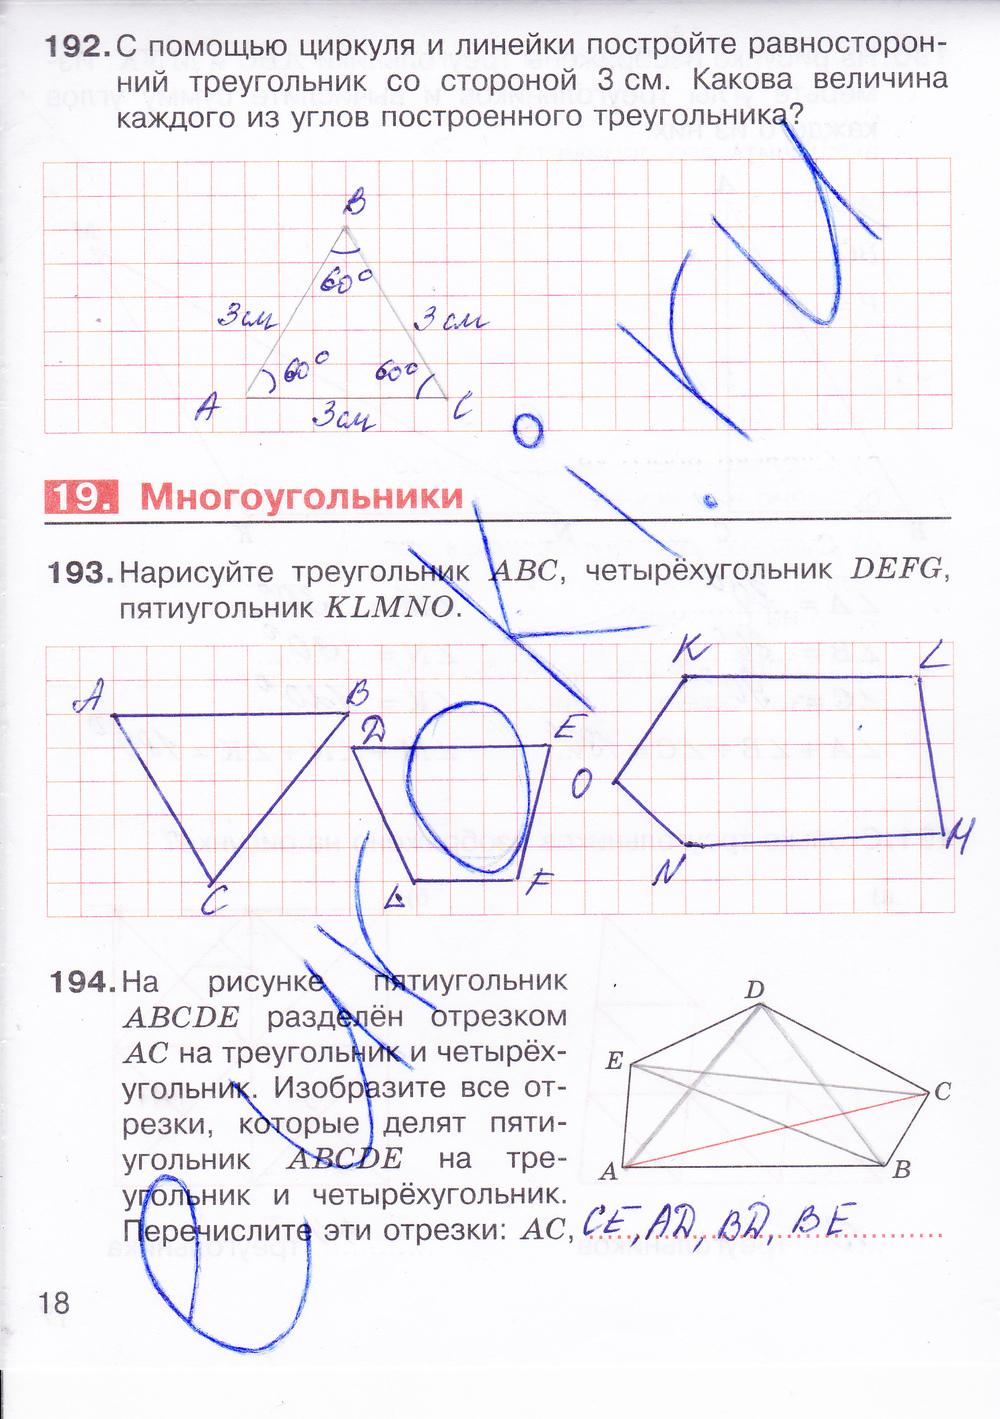 шевкин часть гдз 2 по рабочая тетрадь математике